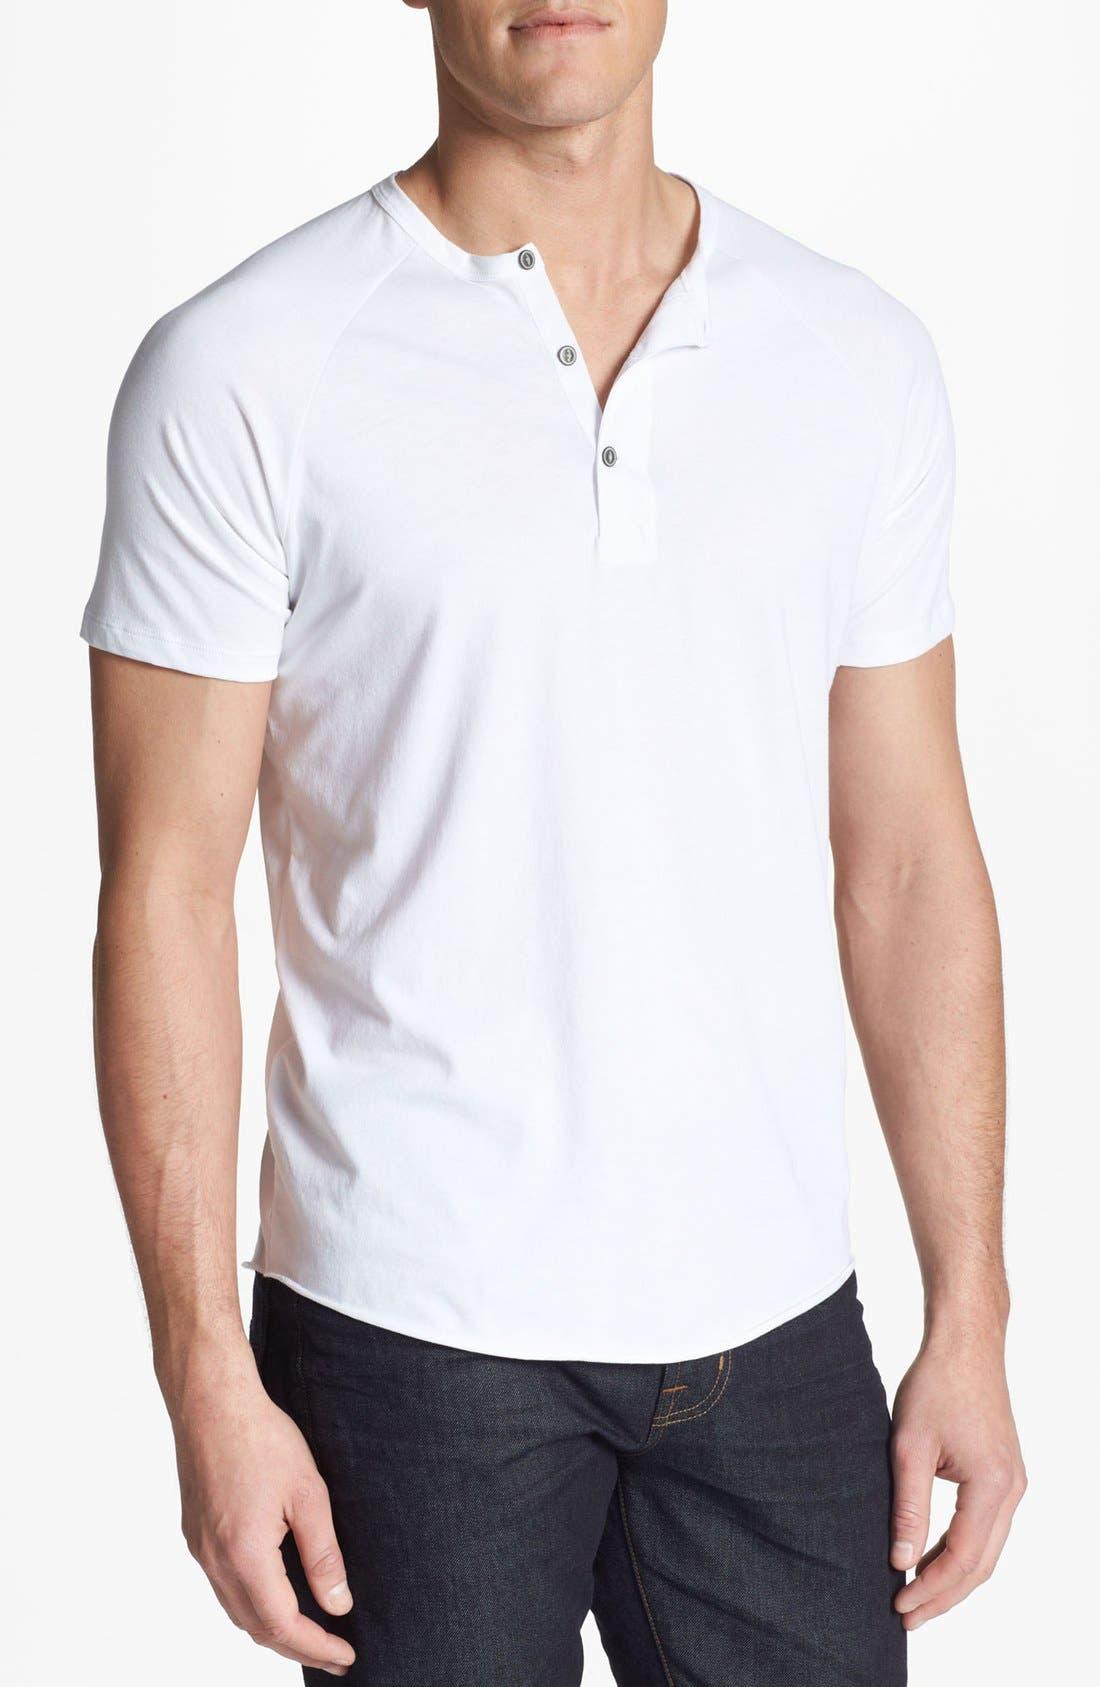 Alternate Image 1 Selected - AG Short Sleeve Raglan Henley T-Shirt